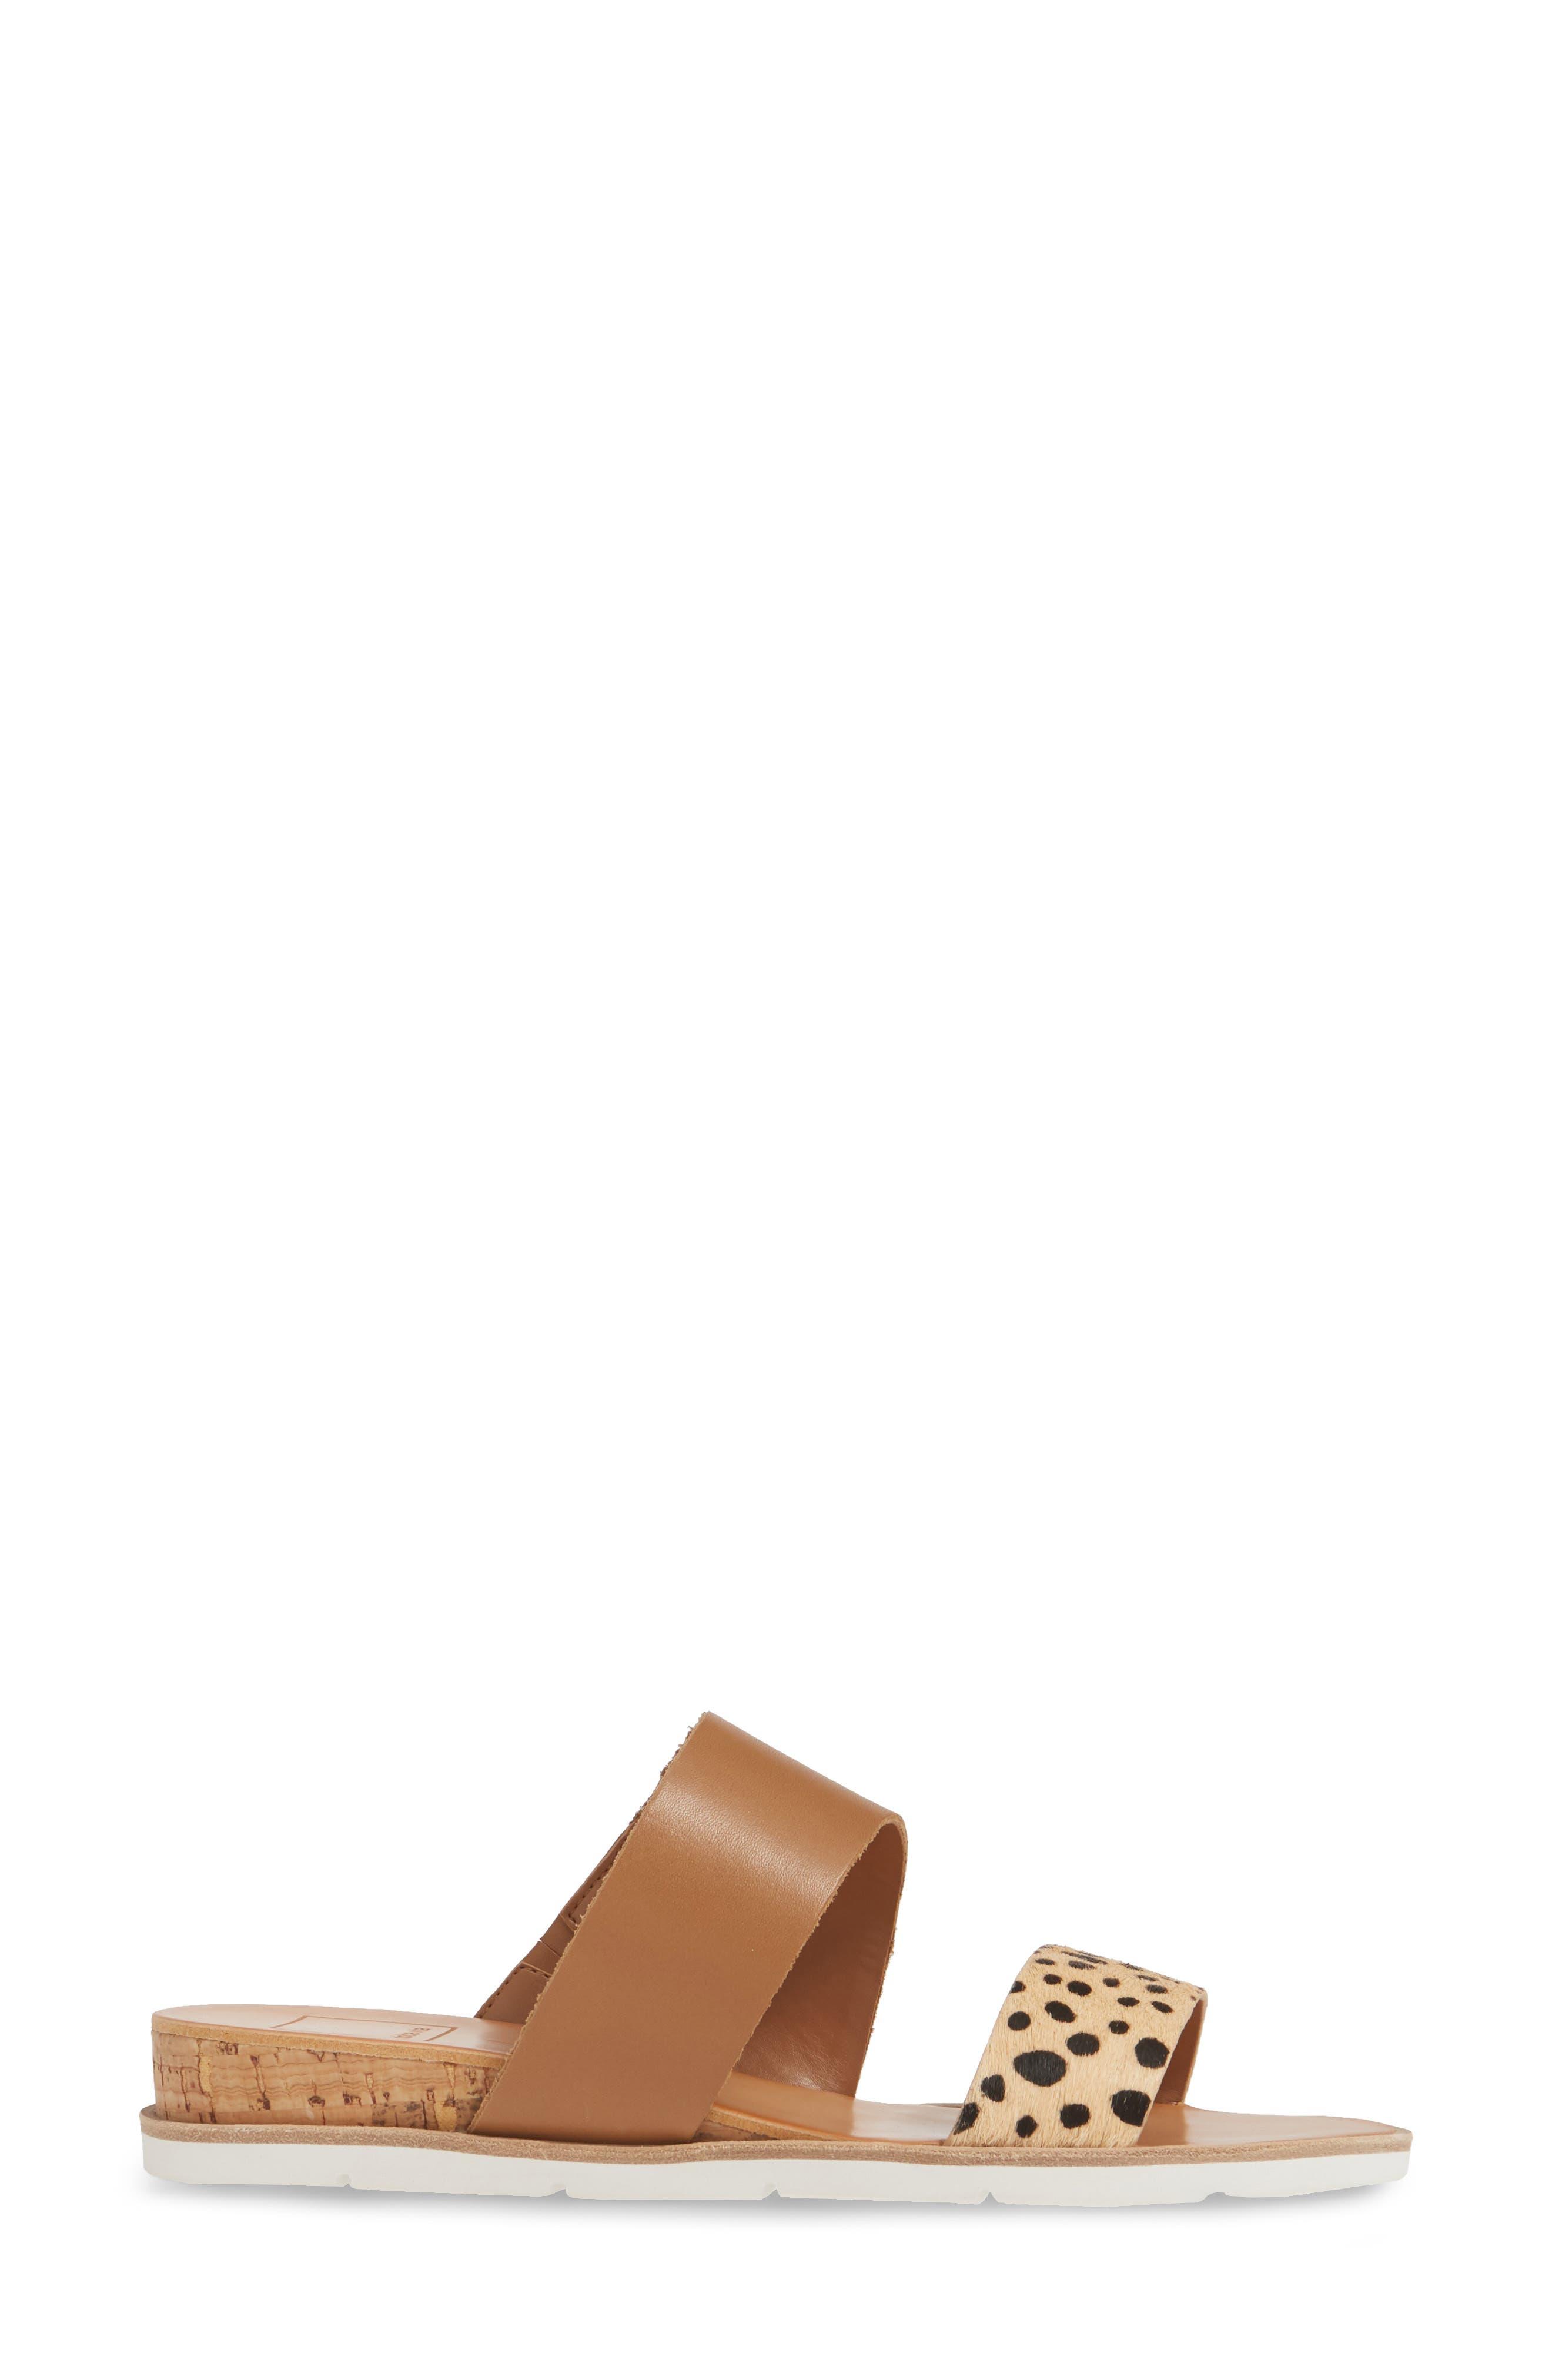 DOLCE VITA, Vala Wedge Slide Sandal, Alternate thumbnail 3, color, LEOPARD CALF HAIR